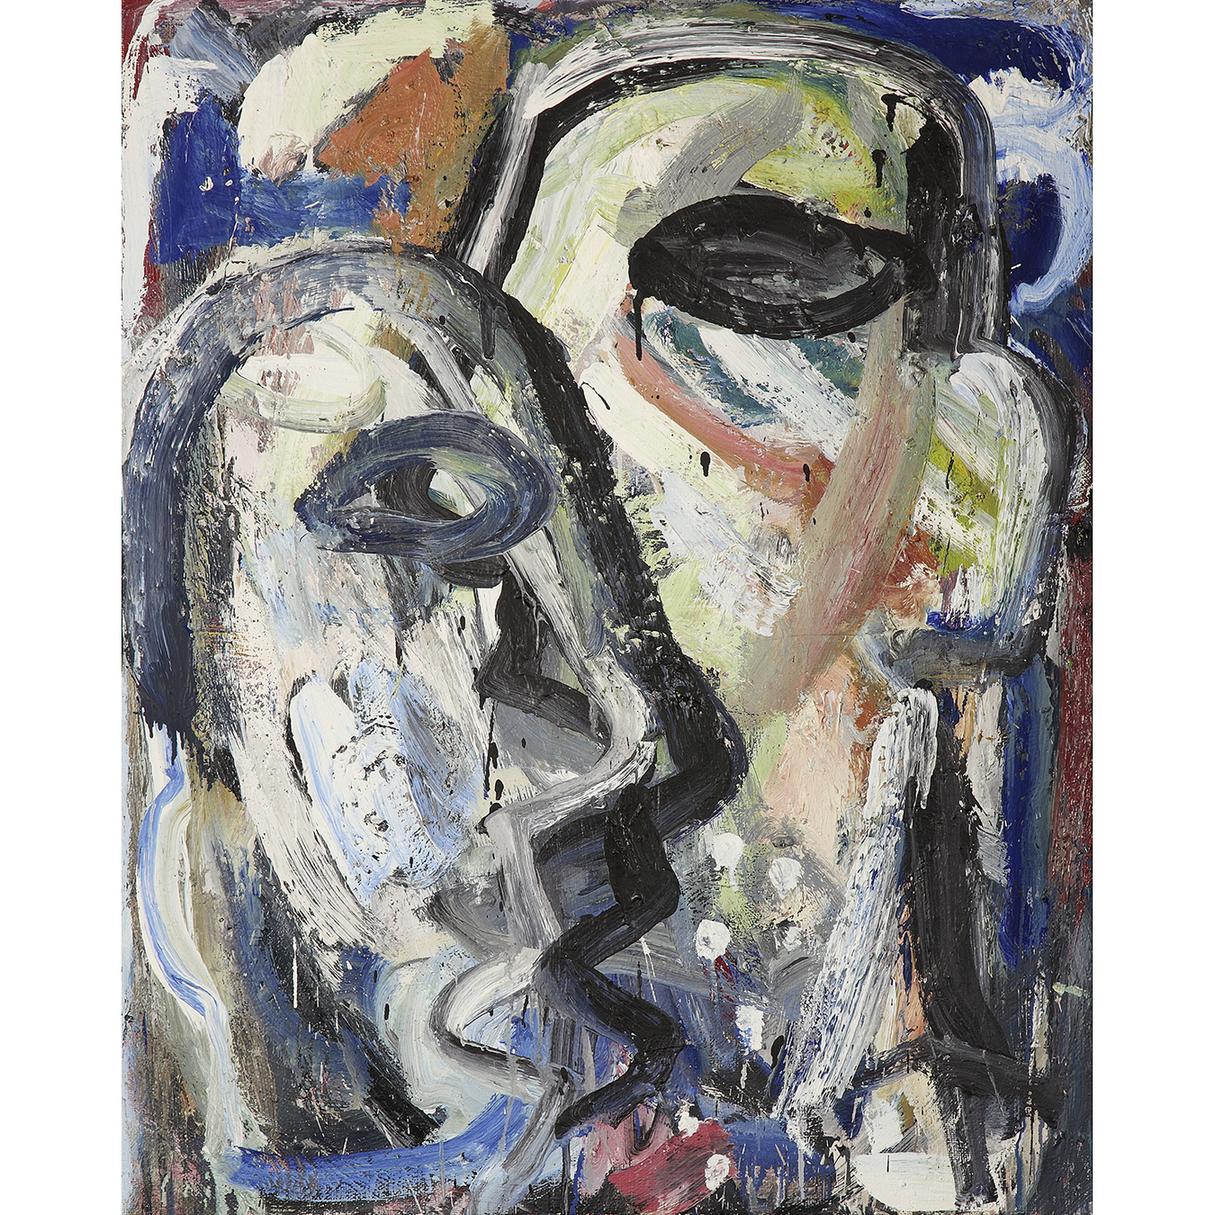 Philippe Vandenberg-Schilderij-1984